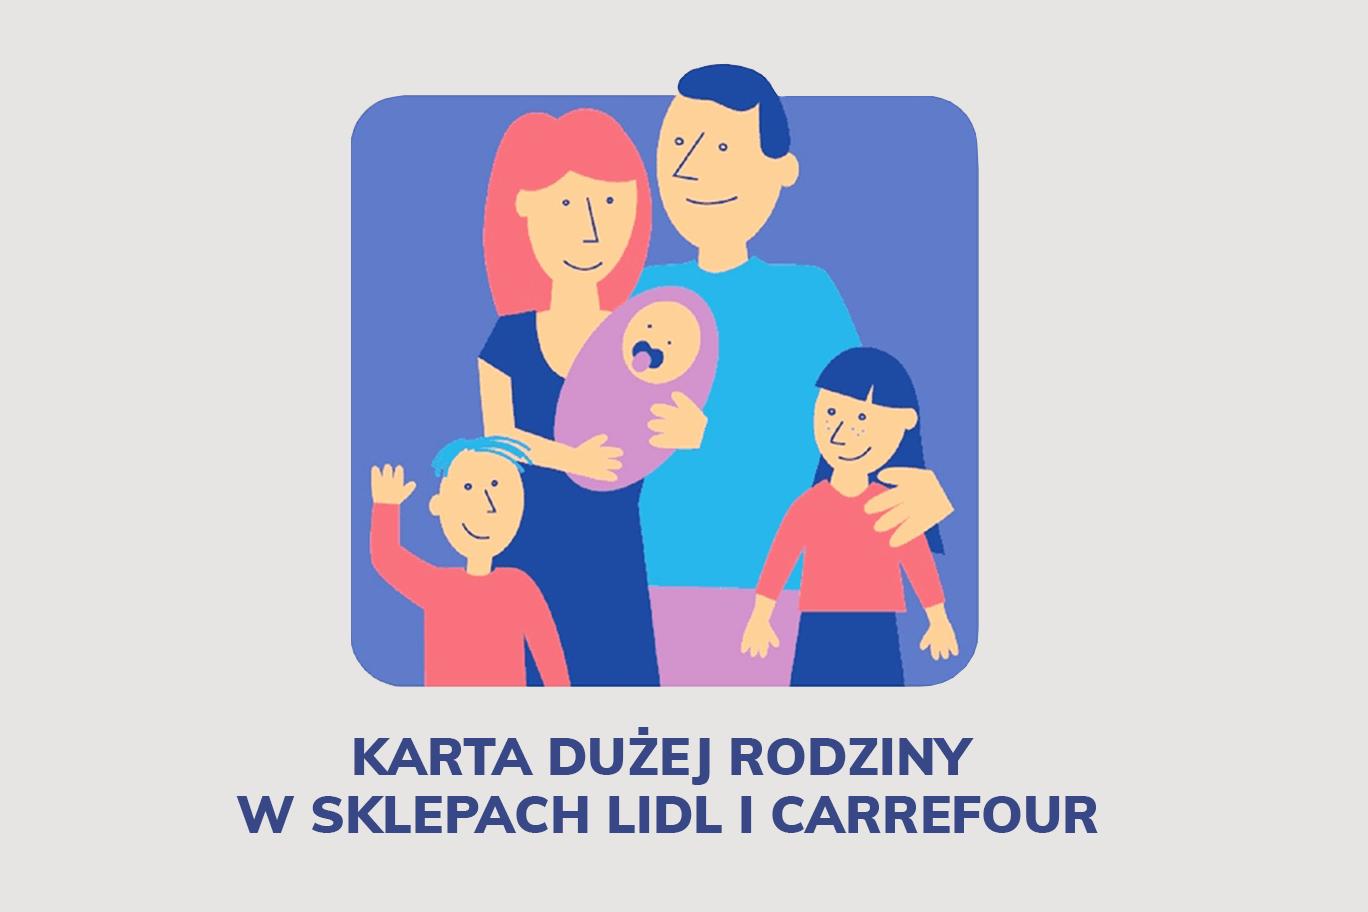 Masz Karte Duzej Rodziny W Lidlu I Carrefourze Zaplacisz Mniej Za Zakupy Gazetki Promocyjne Pl